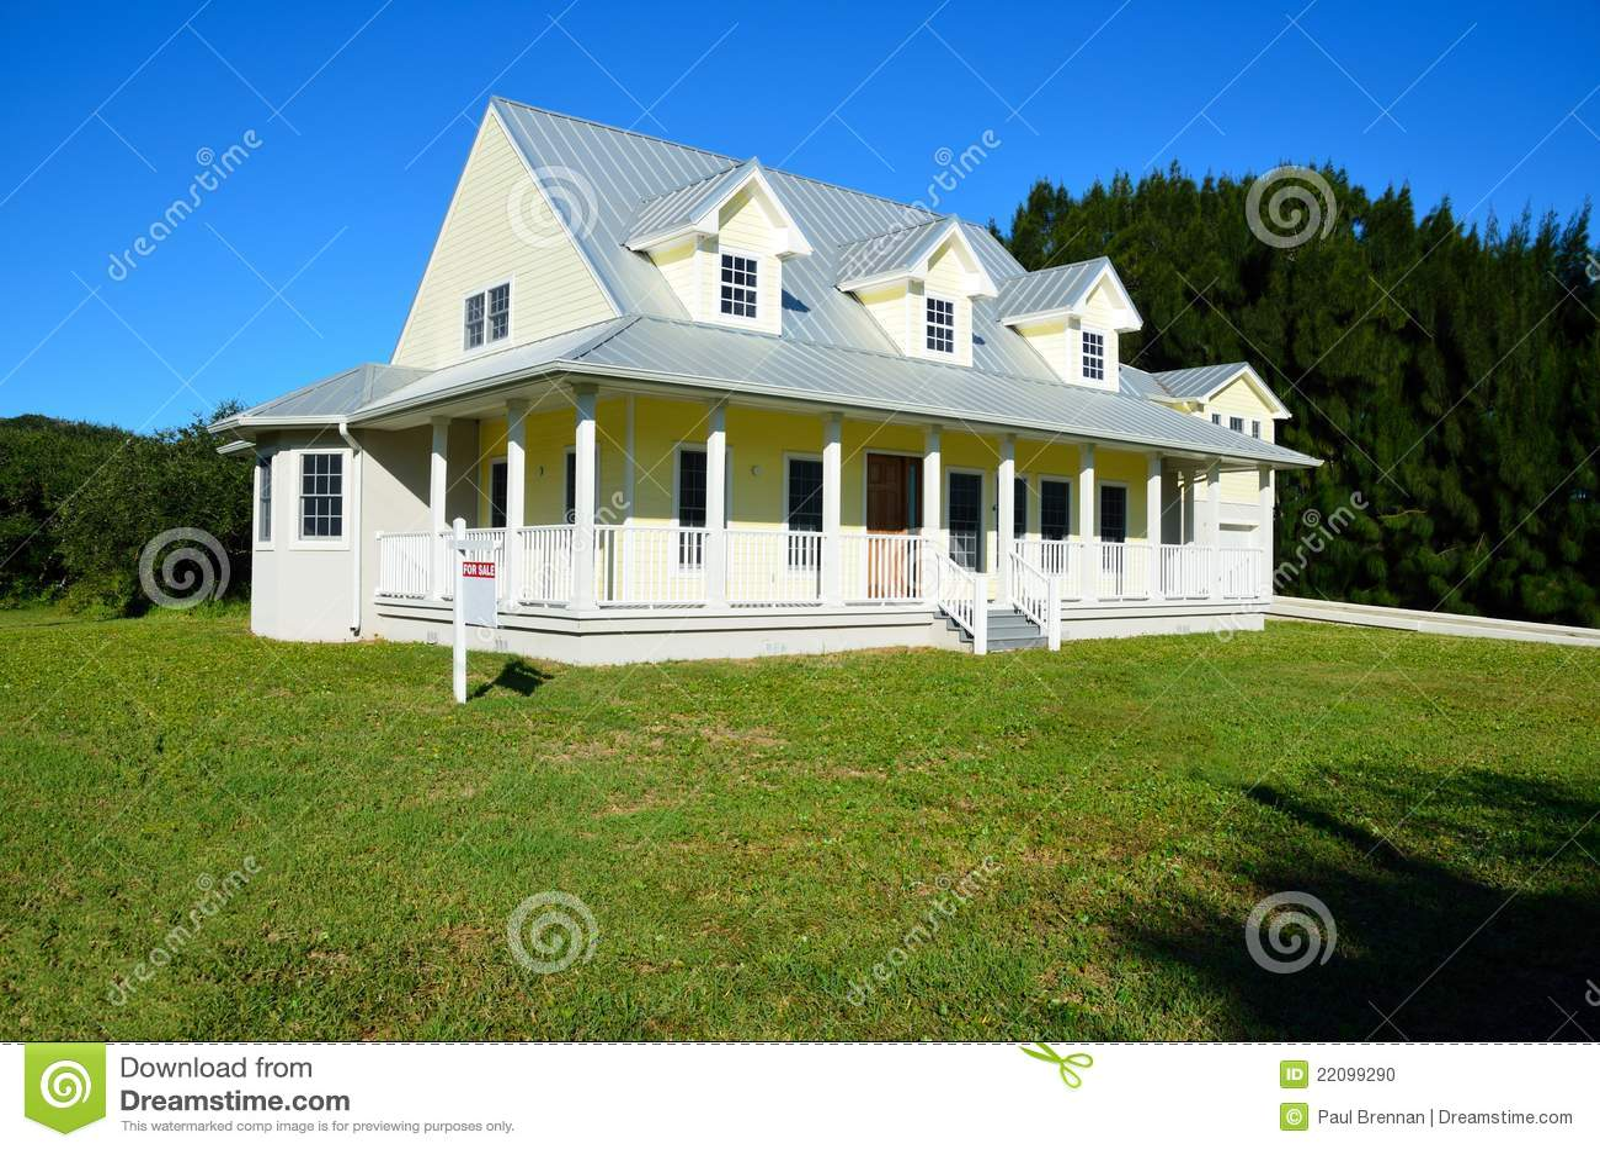 maison moderne dans la campagne - Maison De Campagne Moderne